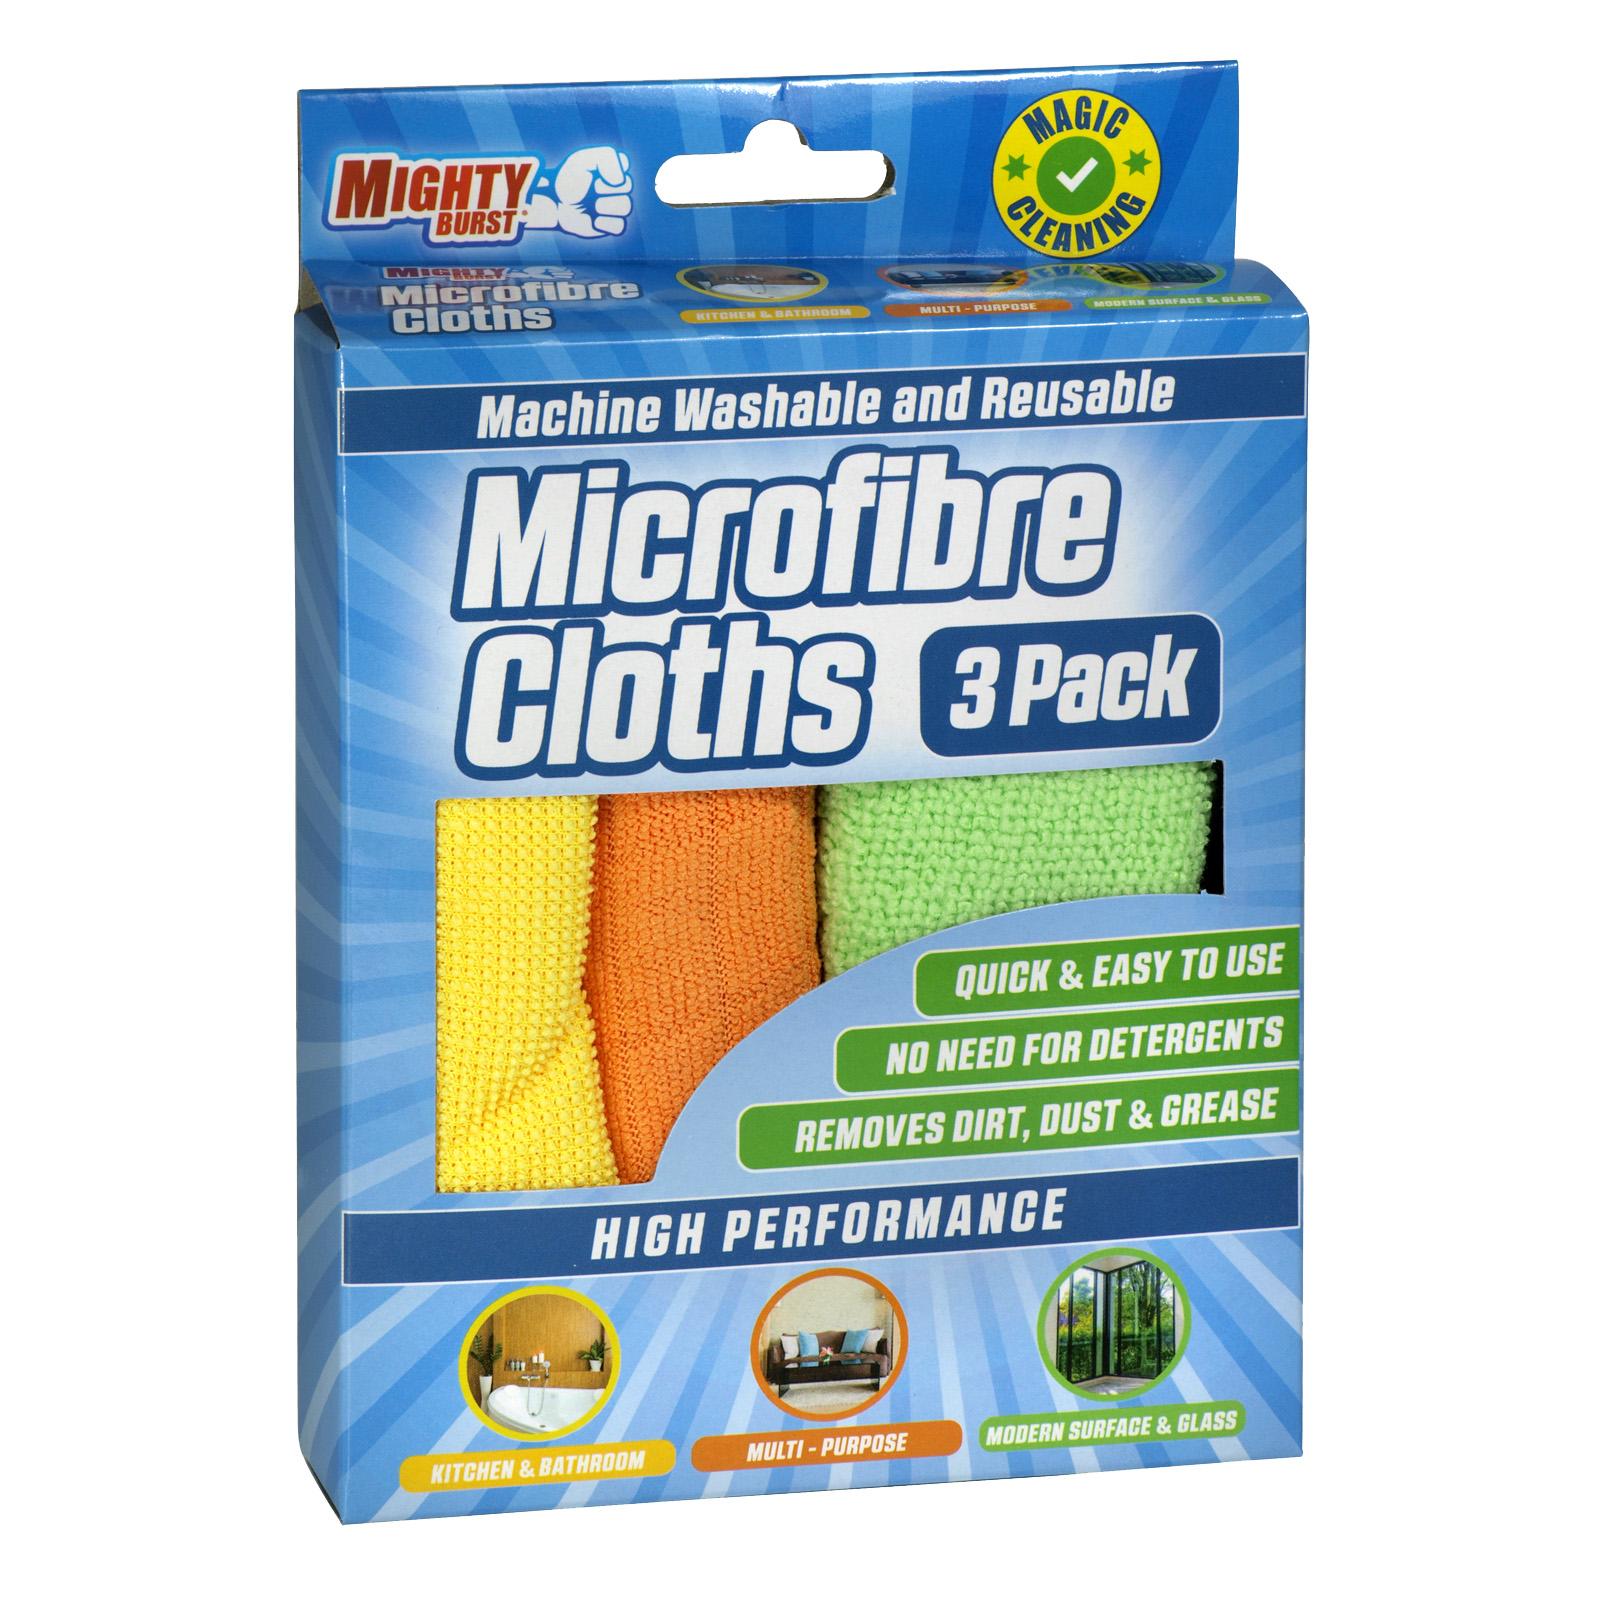 AIRPURE MICROFIBRE CLOTHS 3PK X12